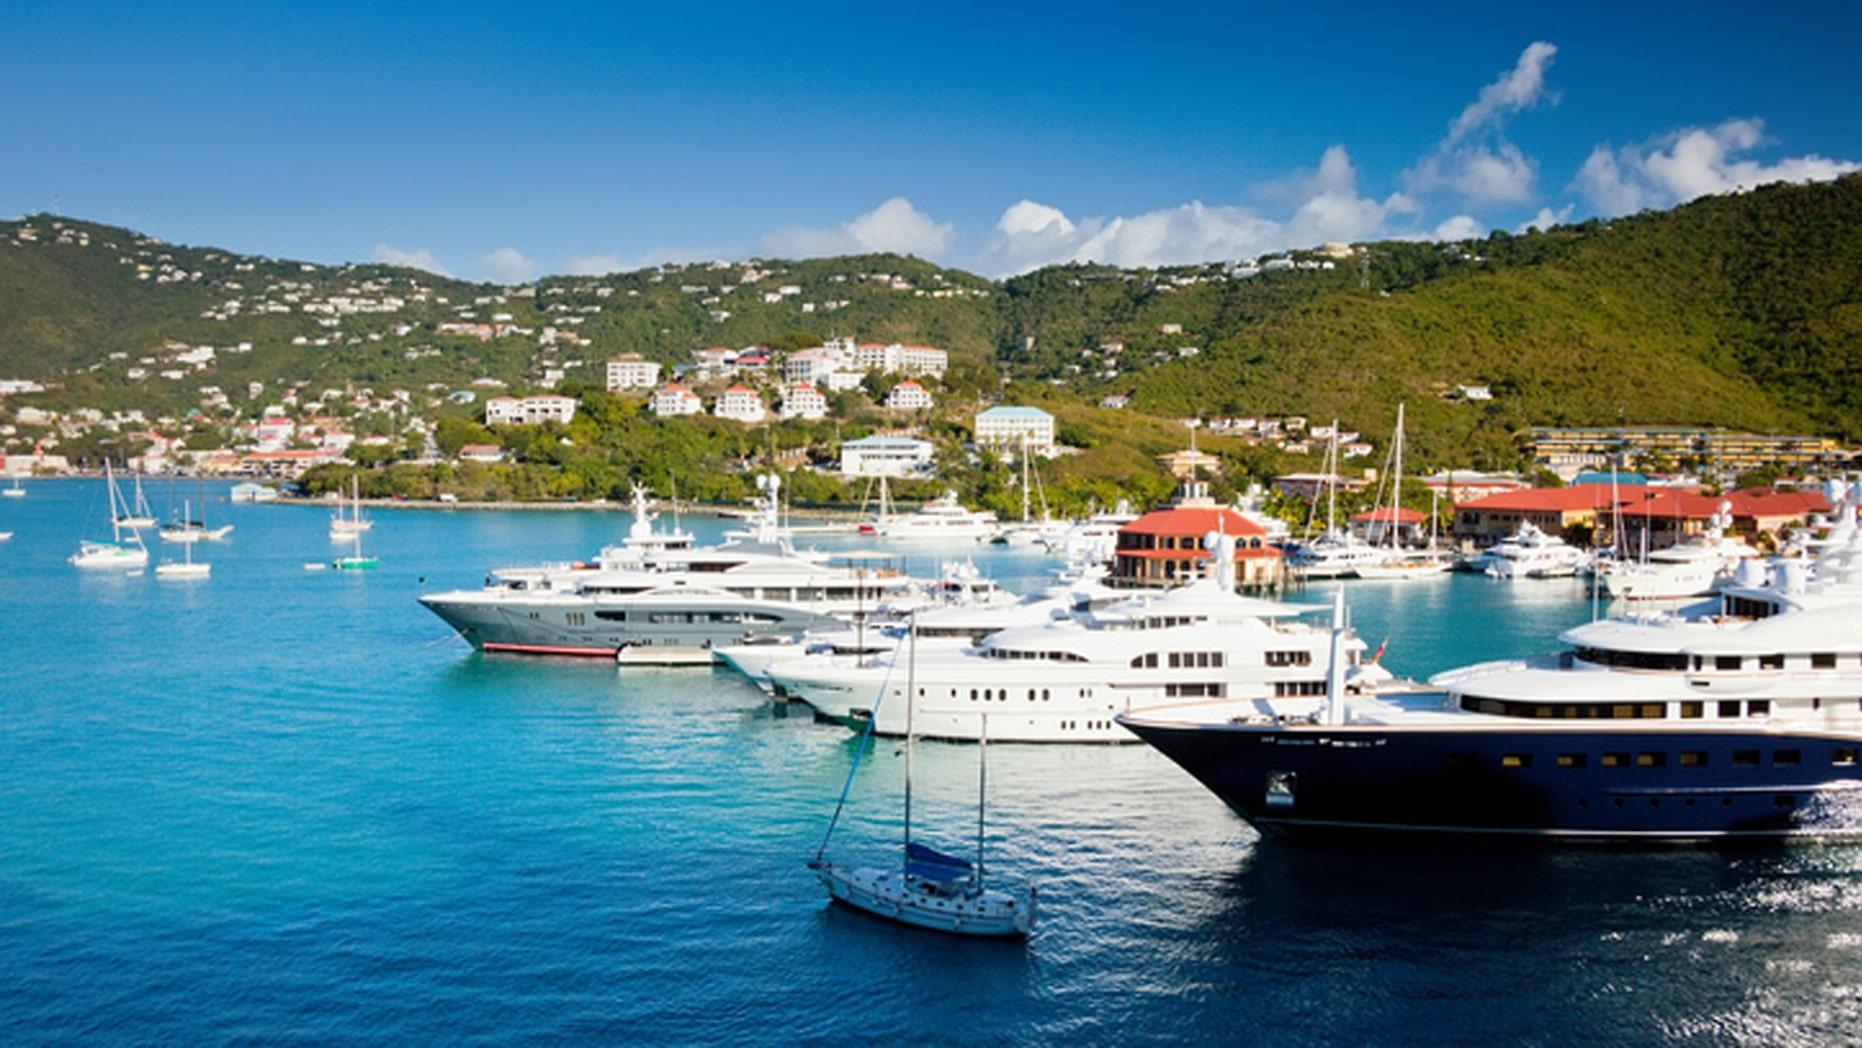 Get paid to sail around St. Thomas?